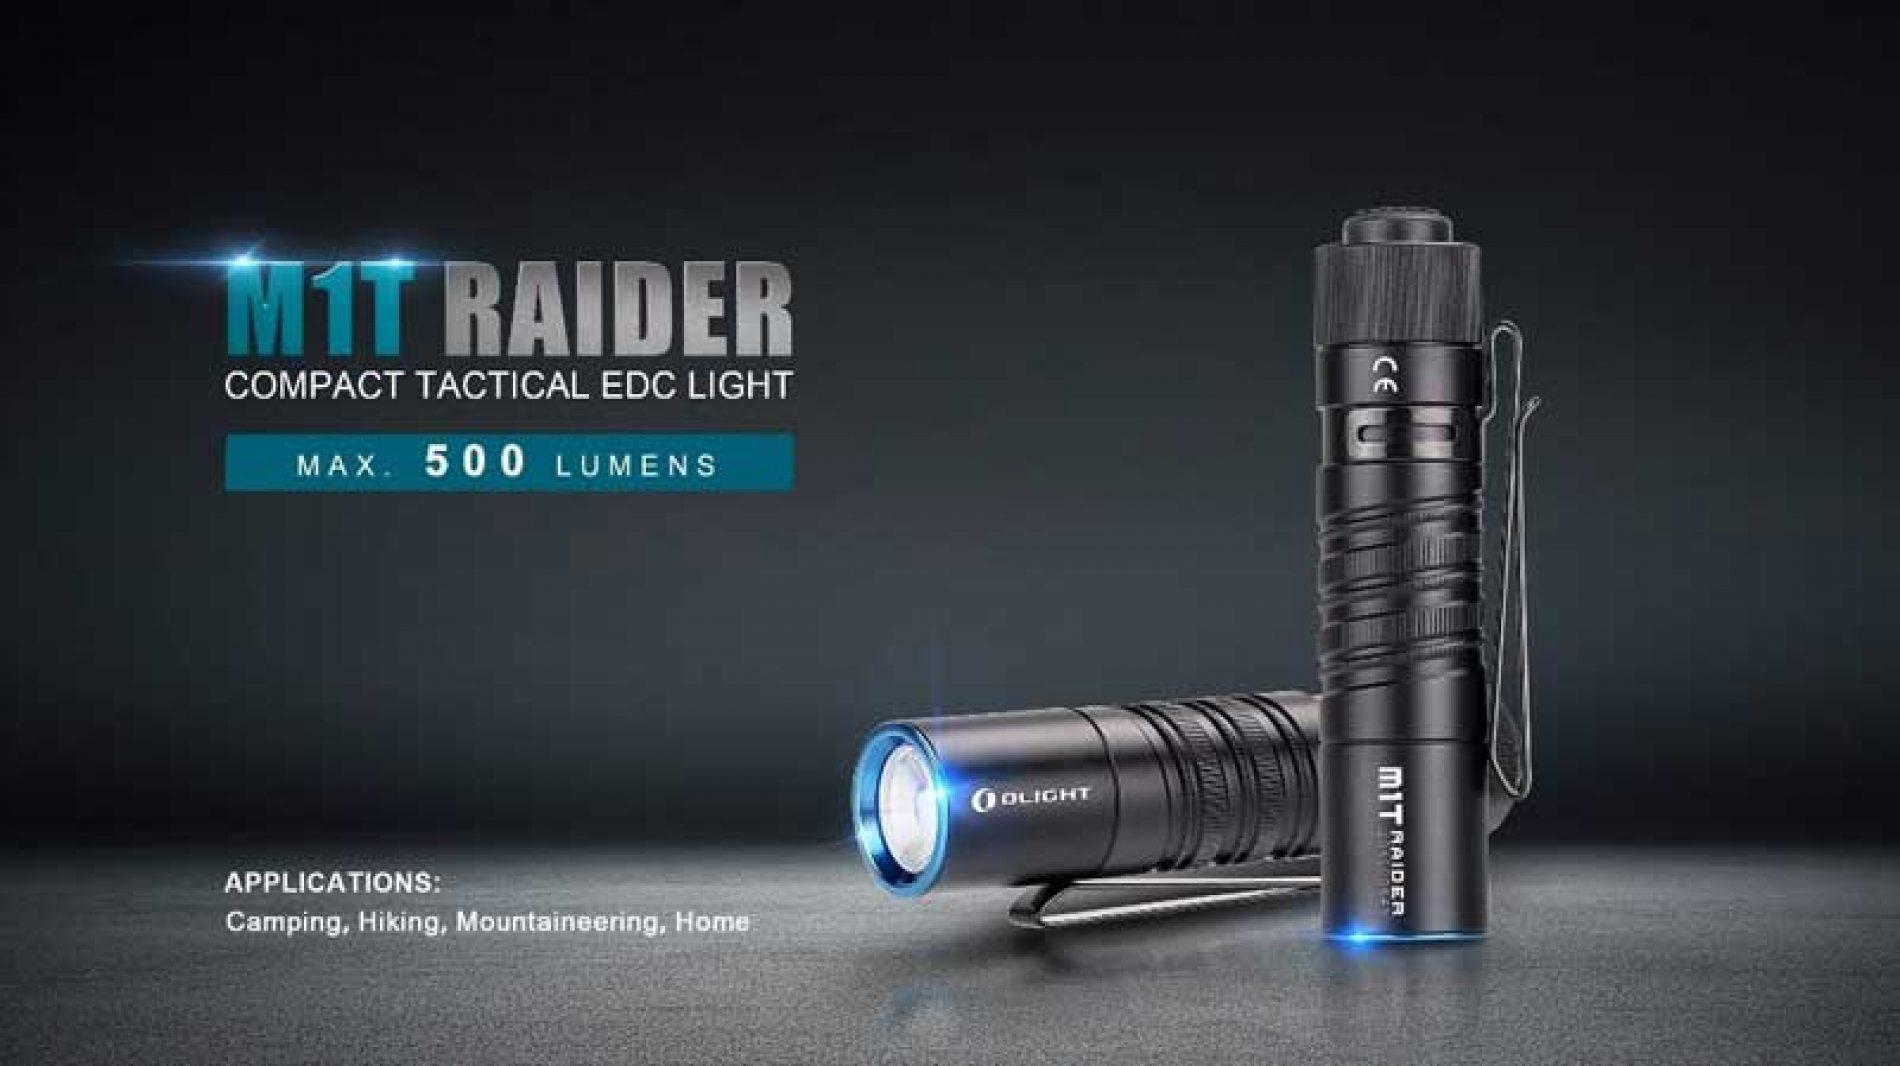 Linterna M1T Raider, para cualquier actividad al aire libre